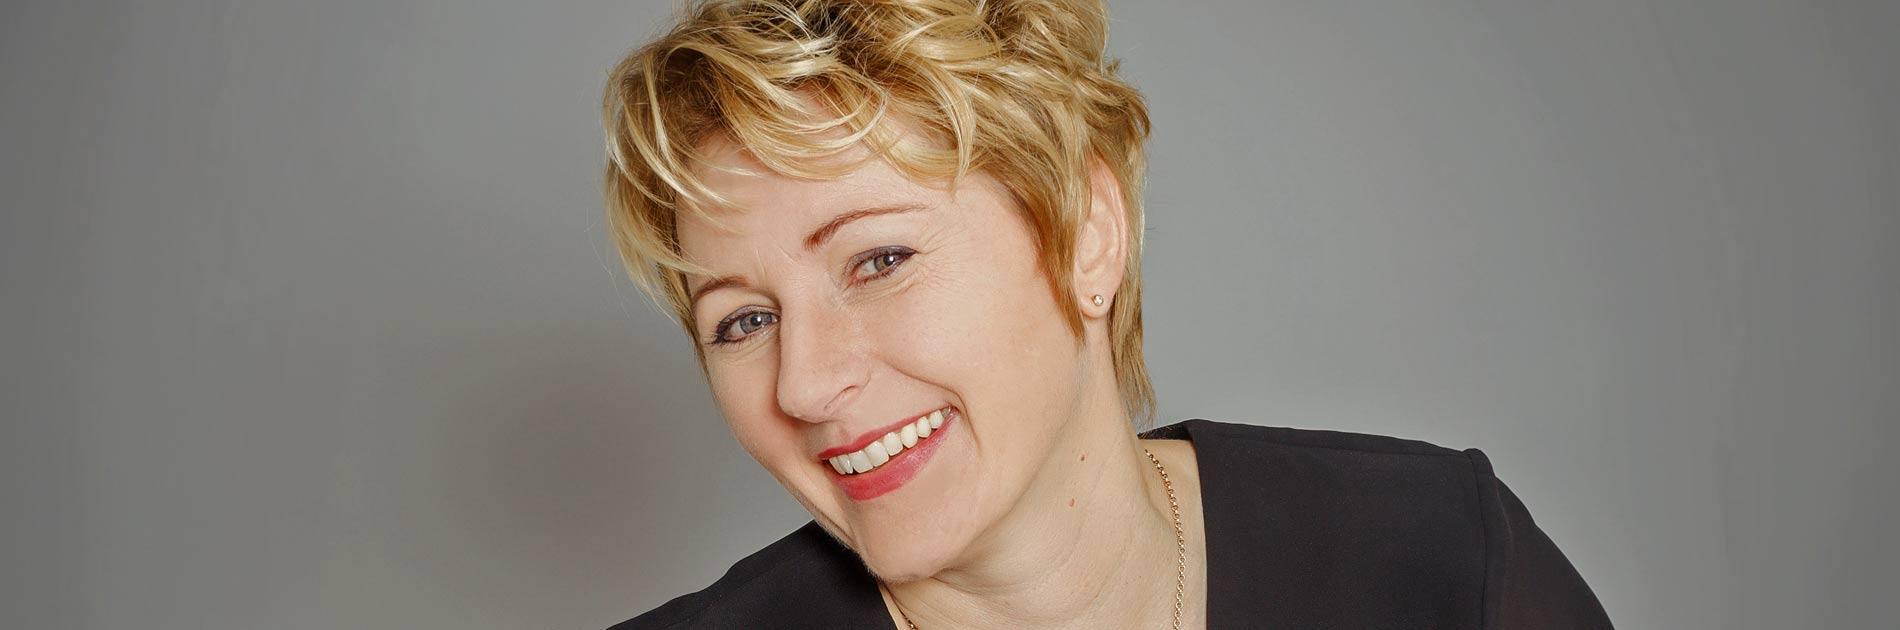 Birgit Gmeiner - Inhaberin und Friseurmeisterin